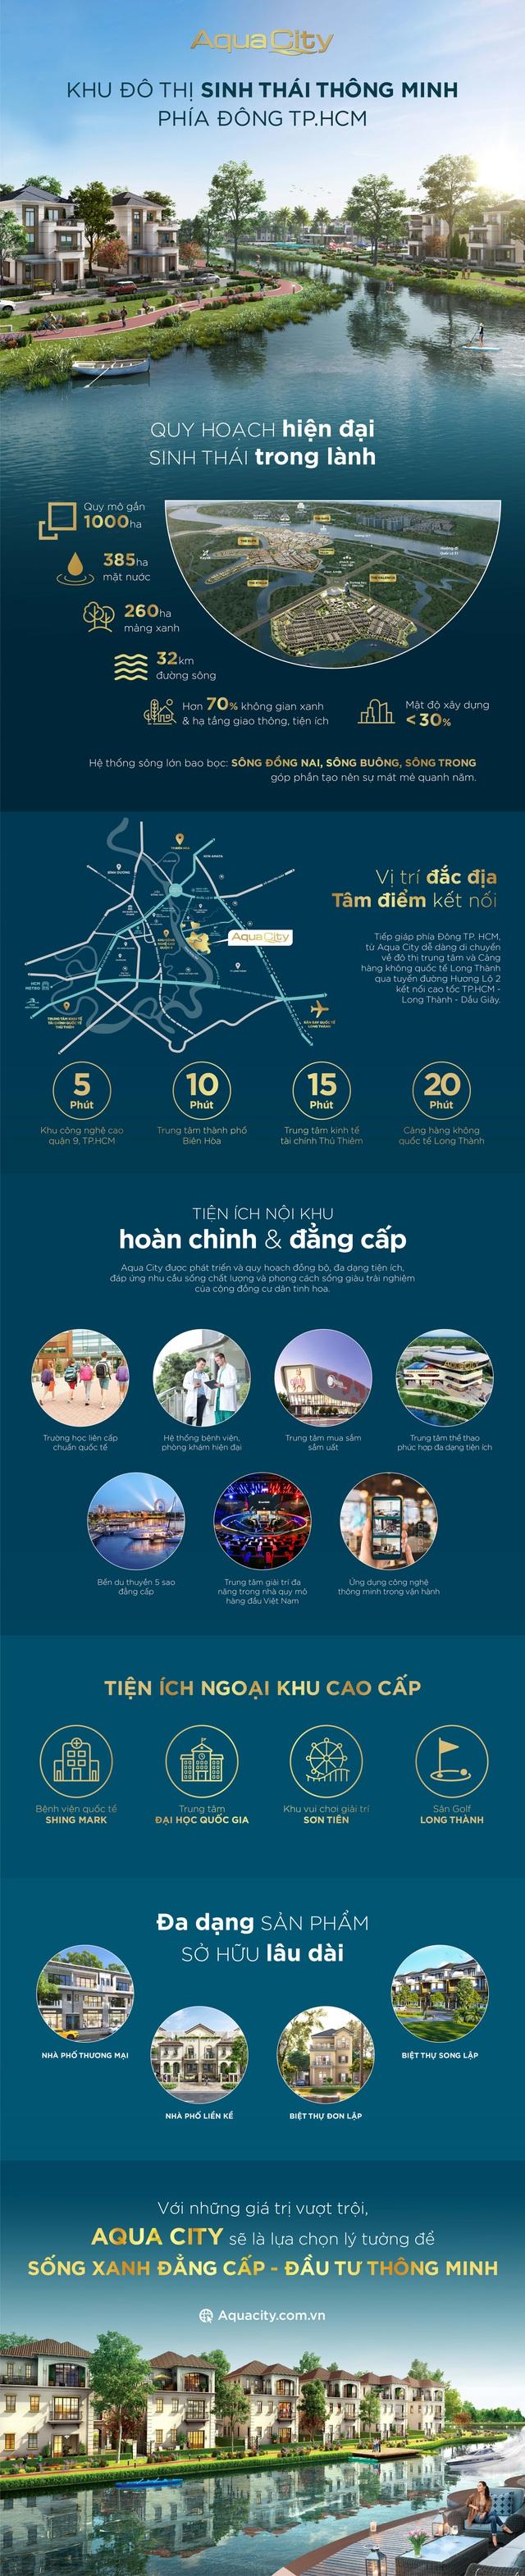 Aqua City – Đô thị sinh thái thông minh phía Đông TP.HCM - Ảnh 1.